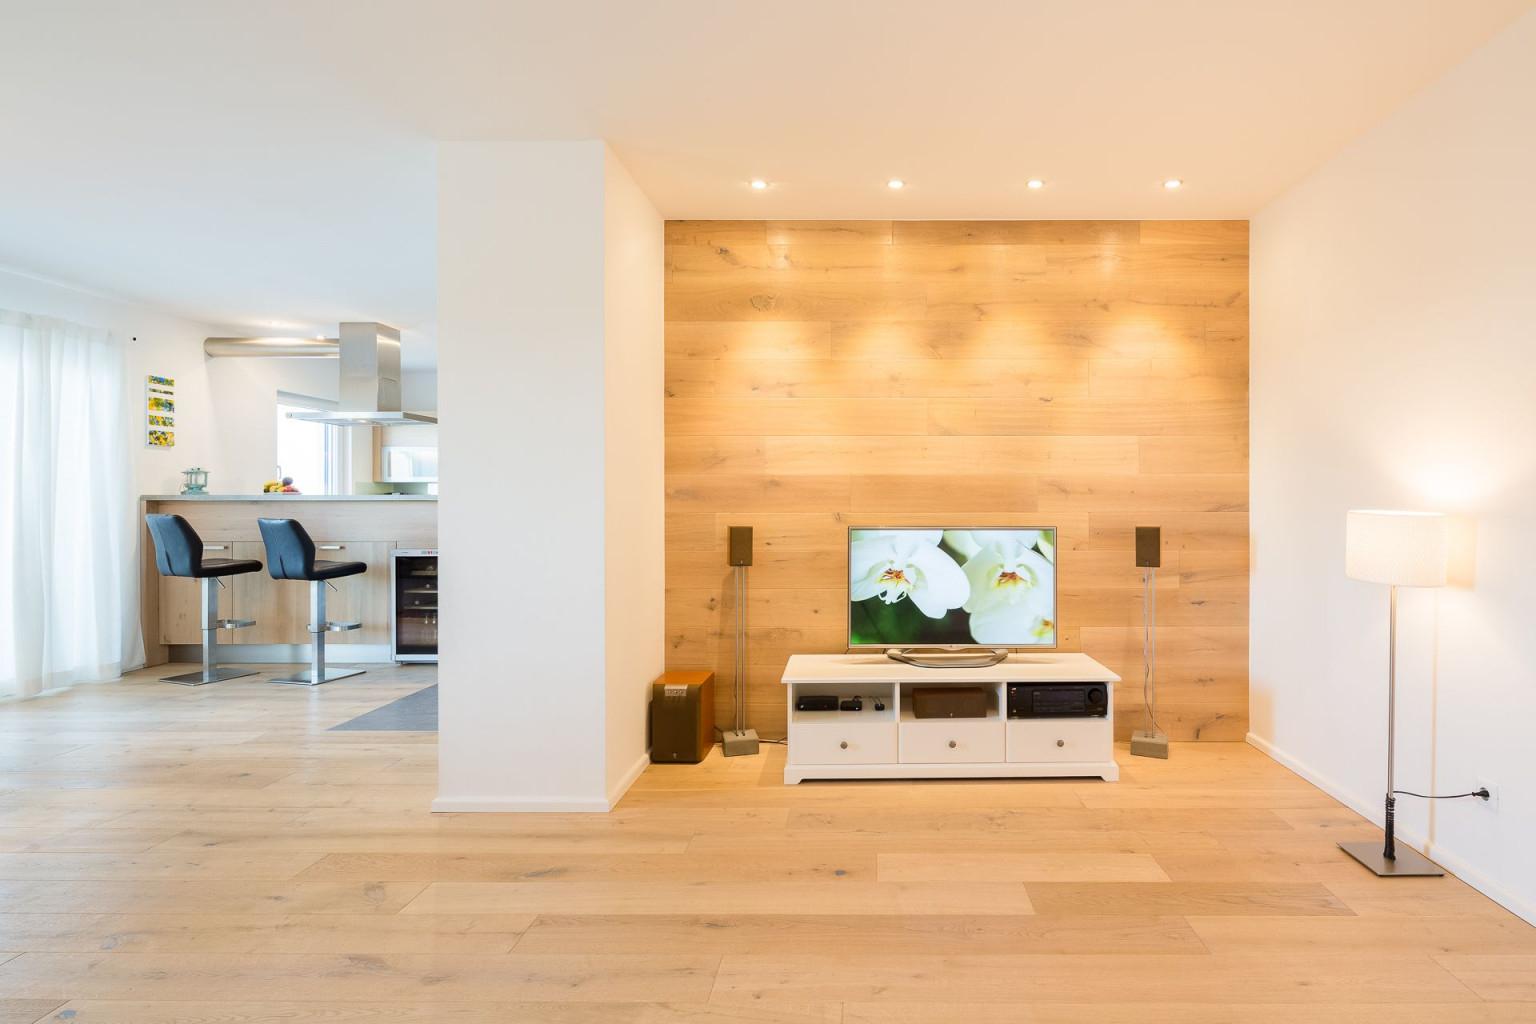 Wohnzimmer Mit Holzwand  Holzwand Wohnzimmer Holzwand von Wohnzimmer Mit Holz Gestalten Bild